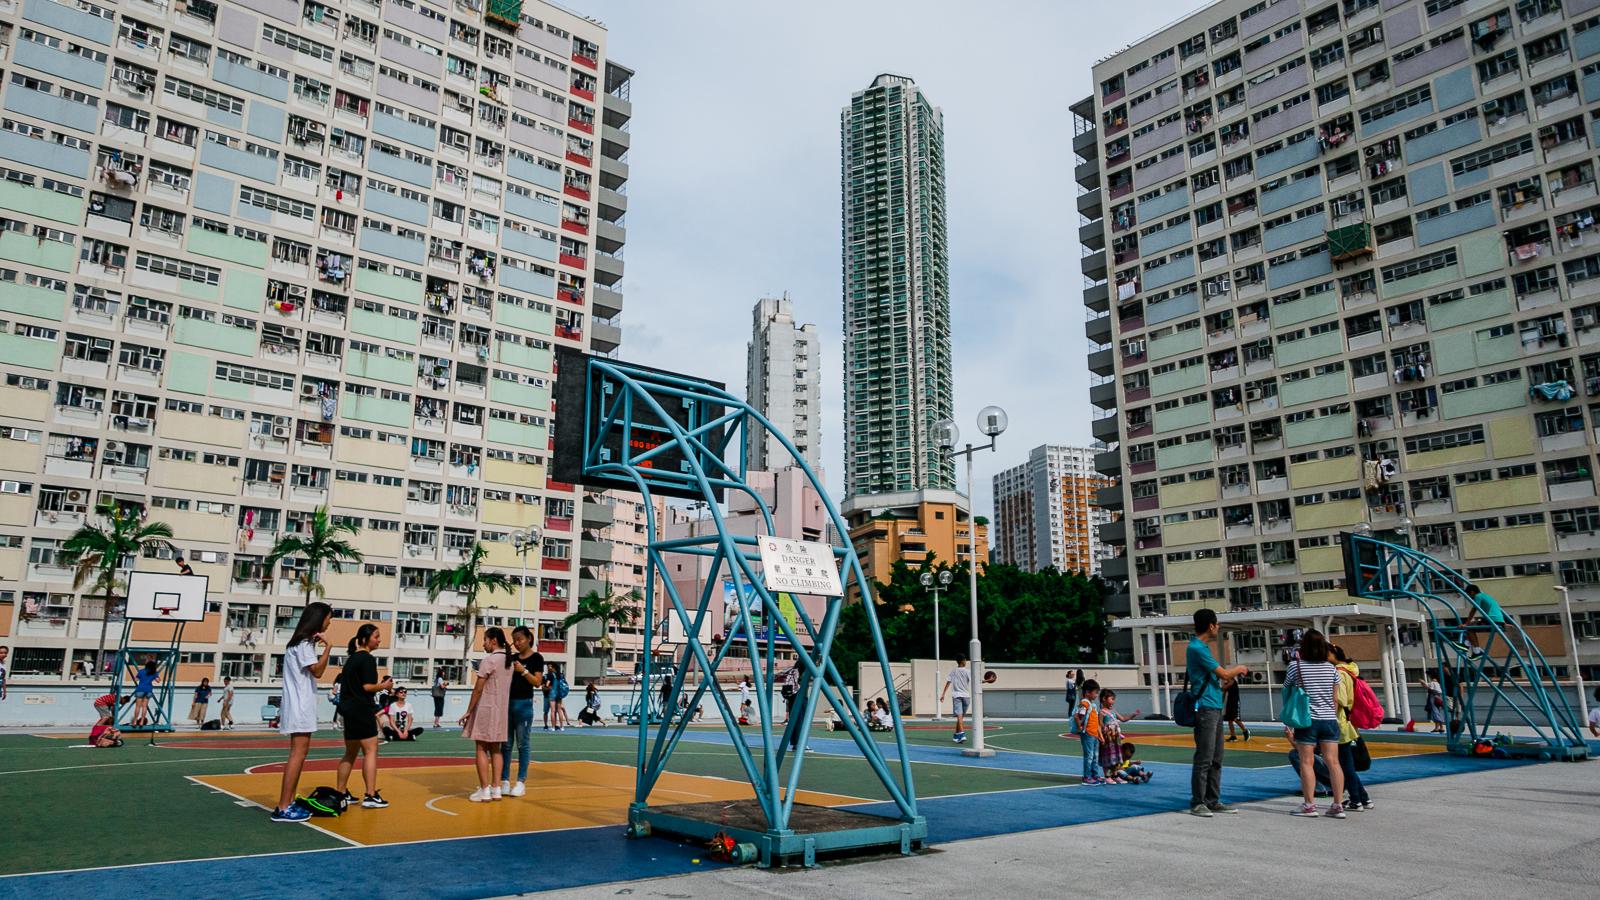 Kolorowe boisko do koszykówki w Hongkongu